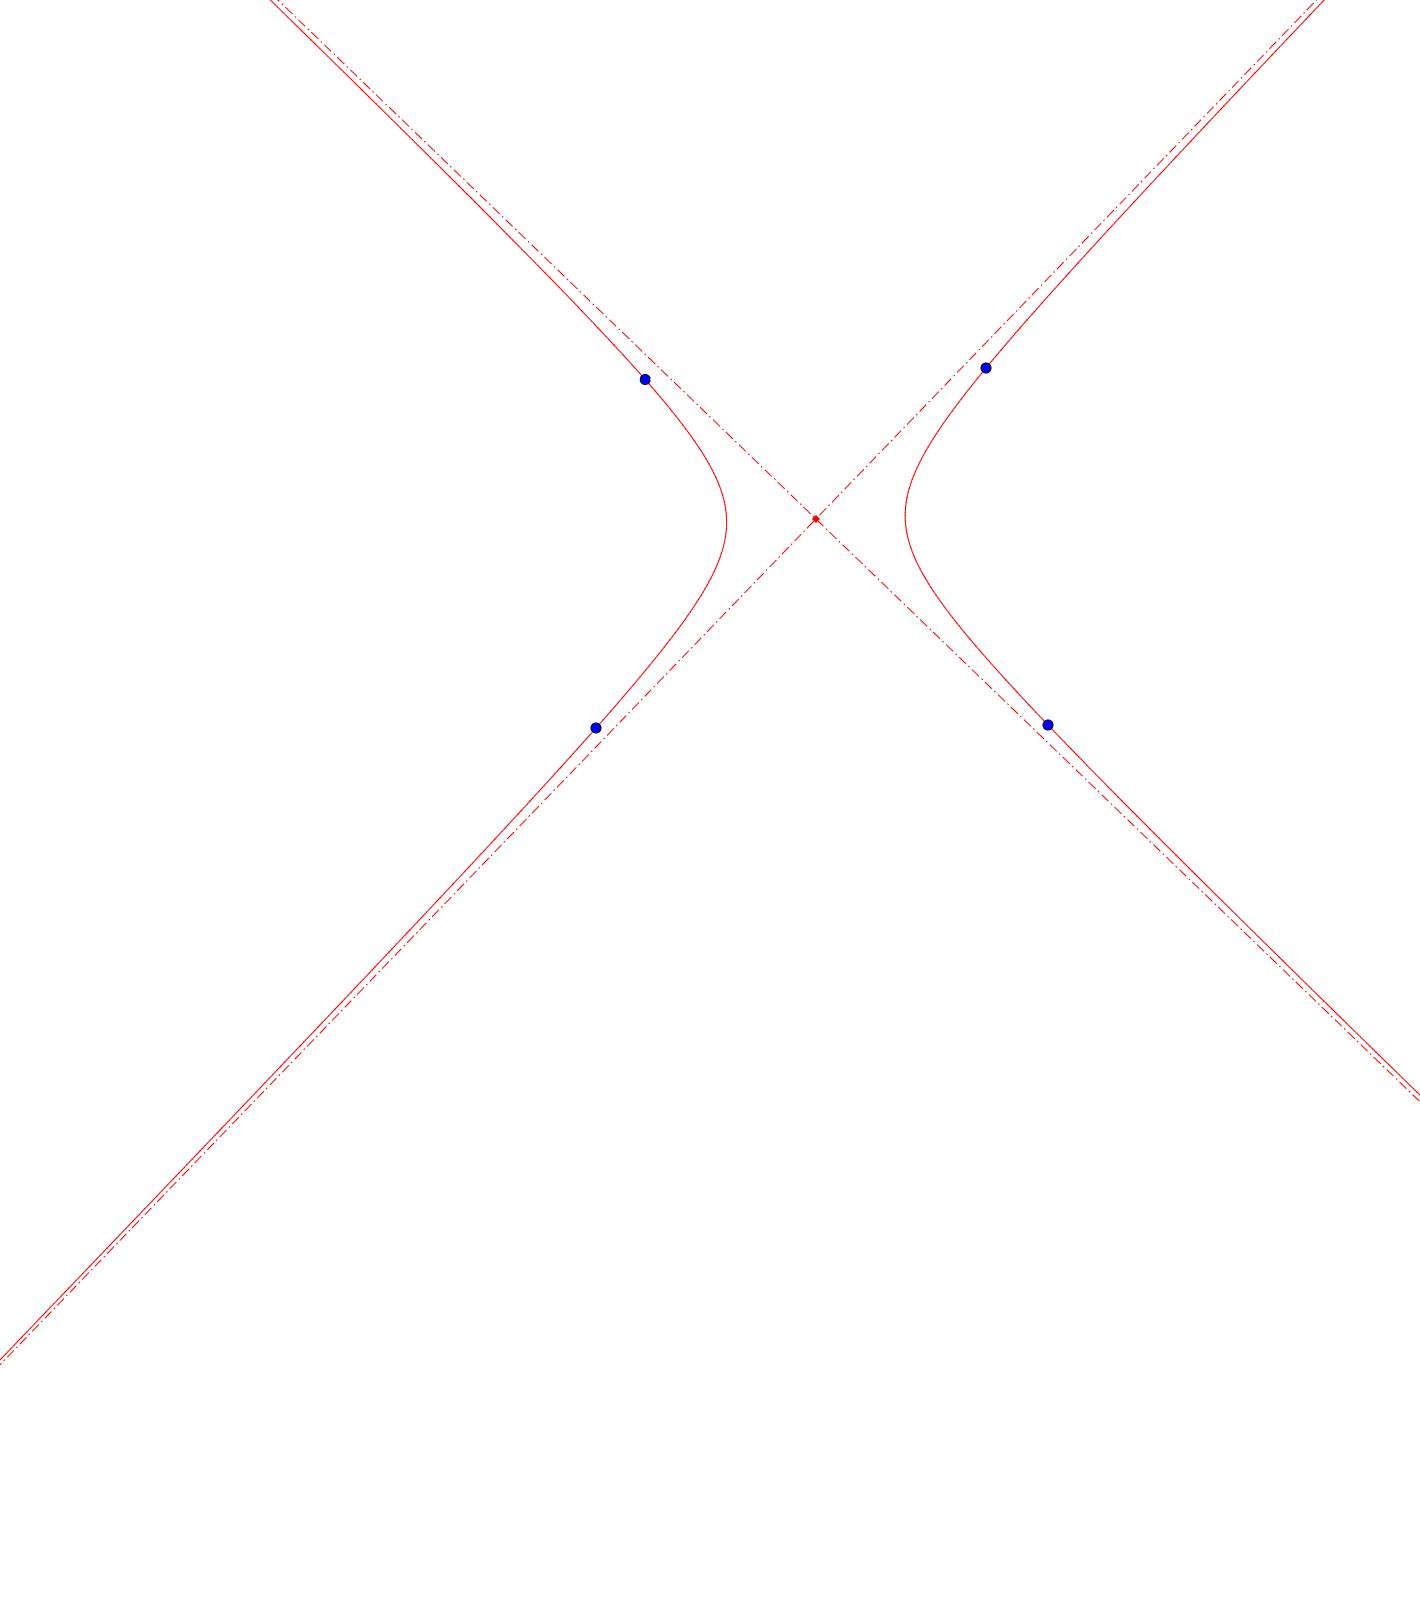 Hyperbole équilatère définie par 4 points